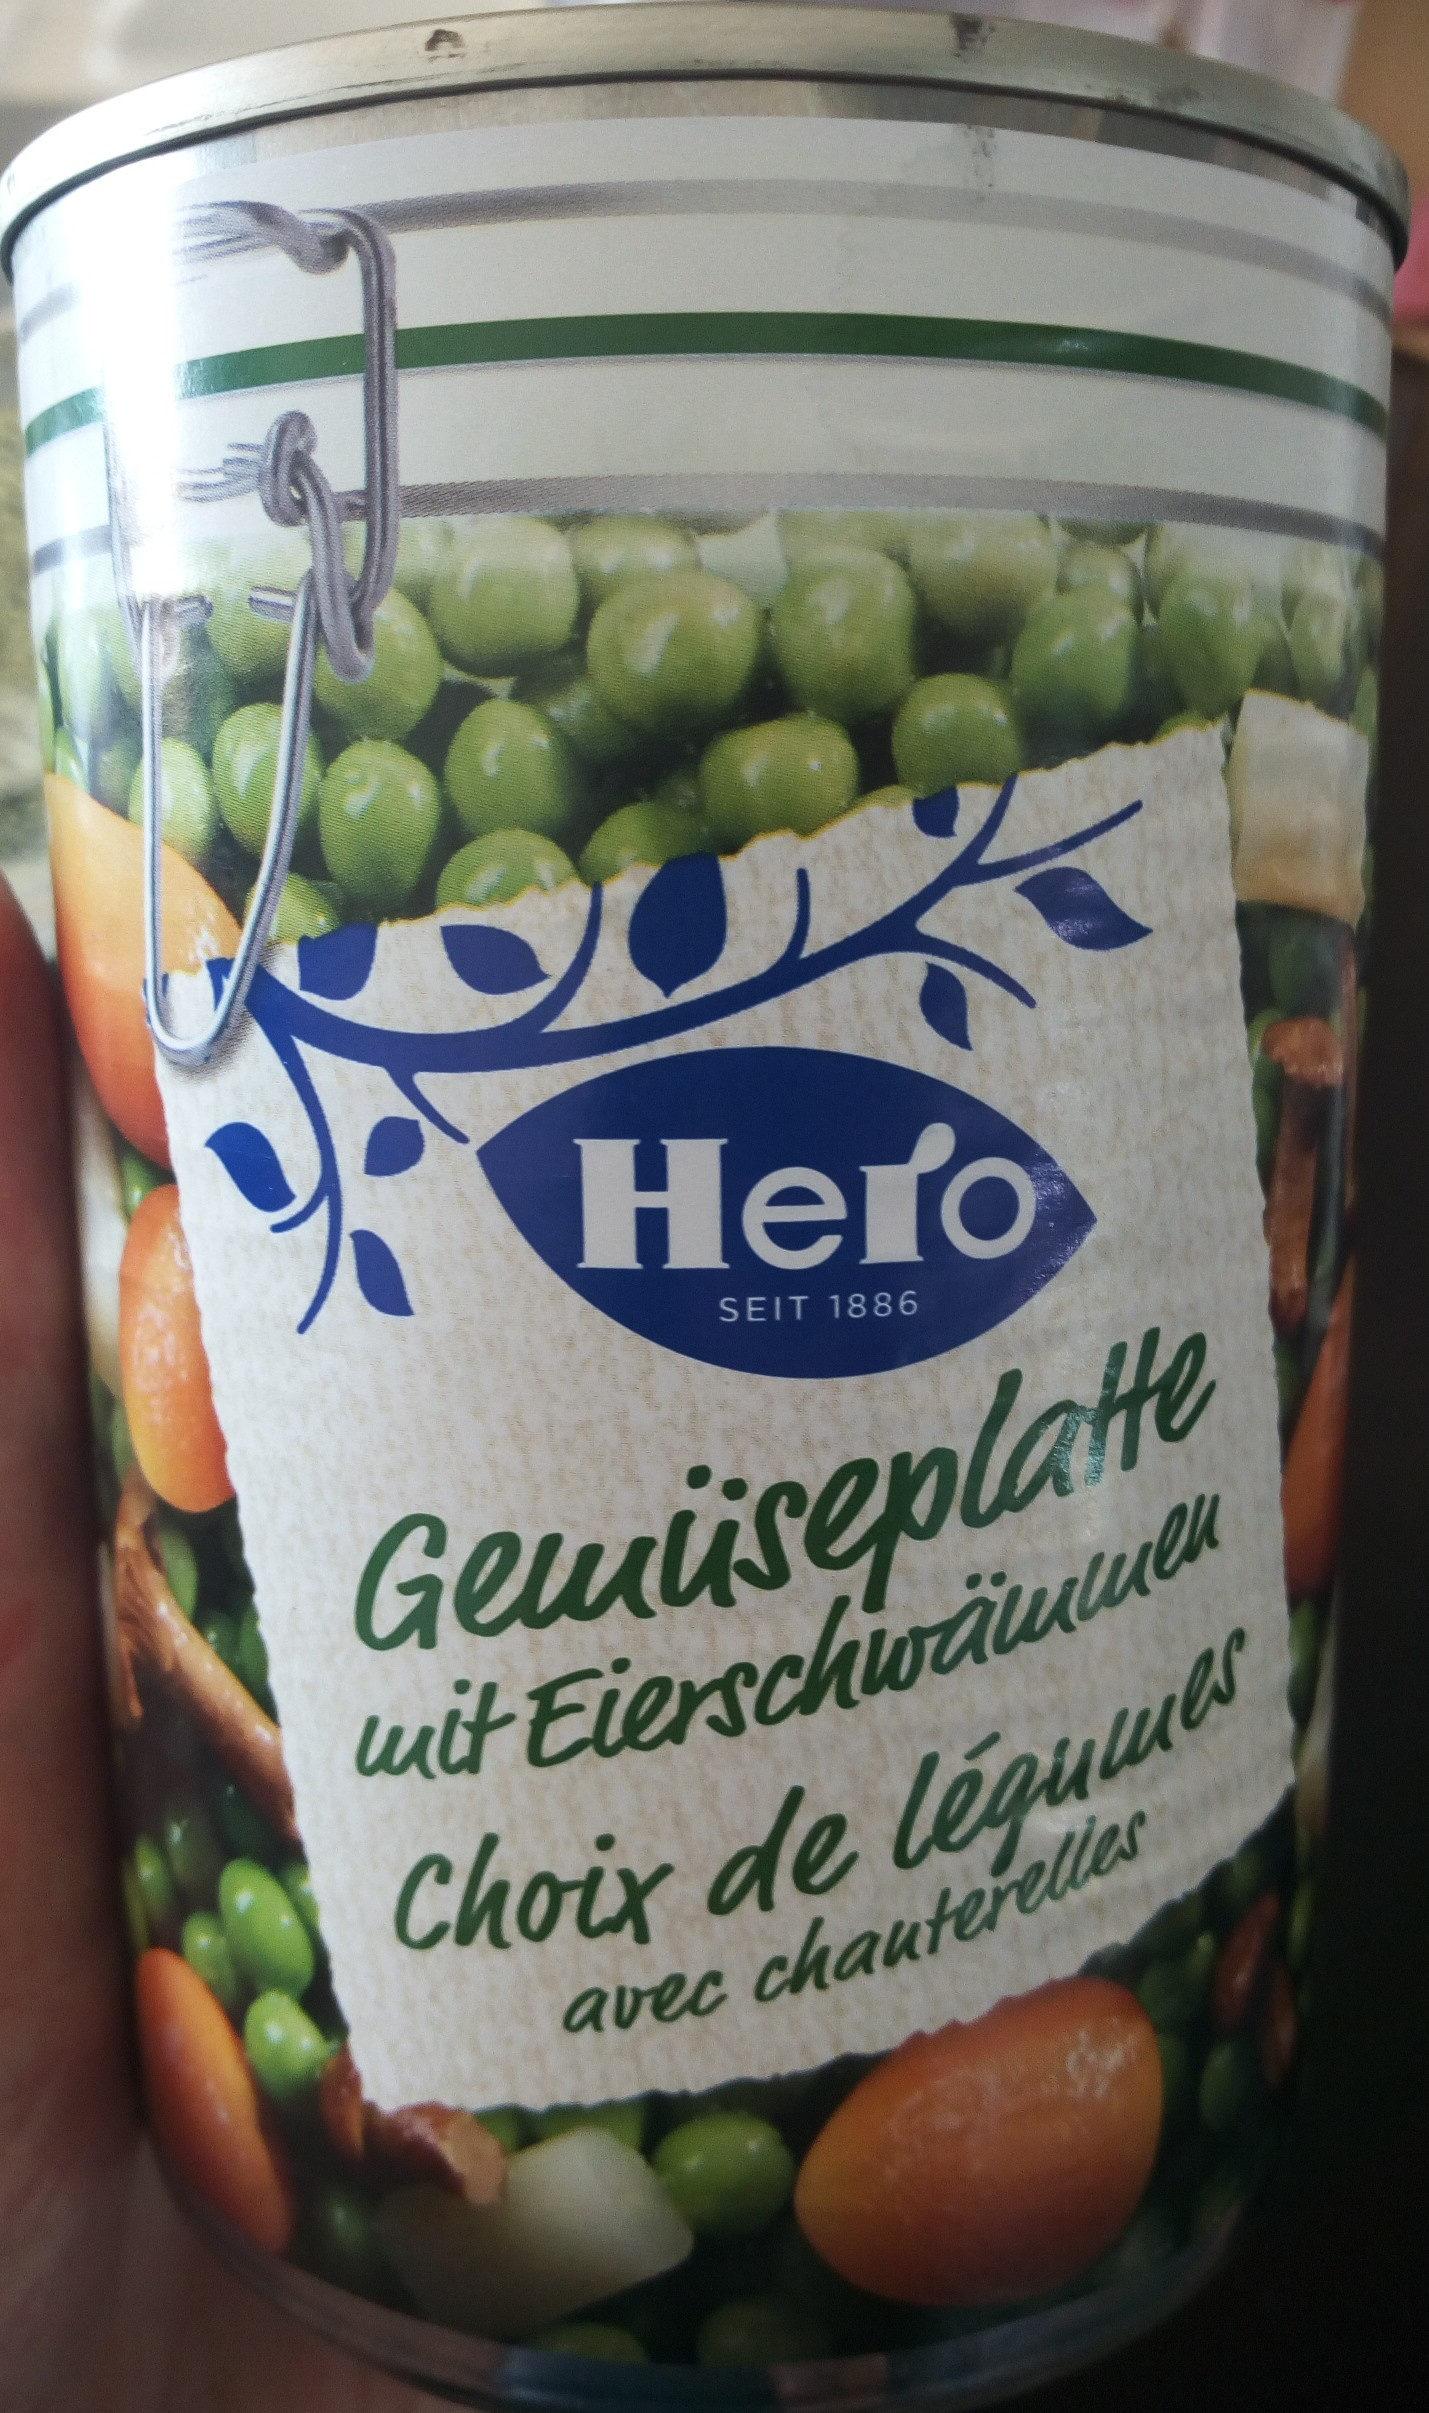 Choix de legumes avec chauterelles - Prodotto - fr